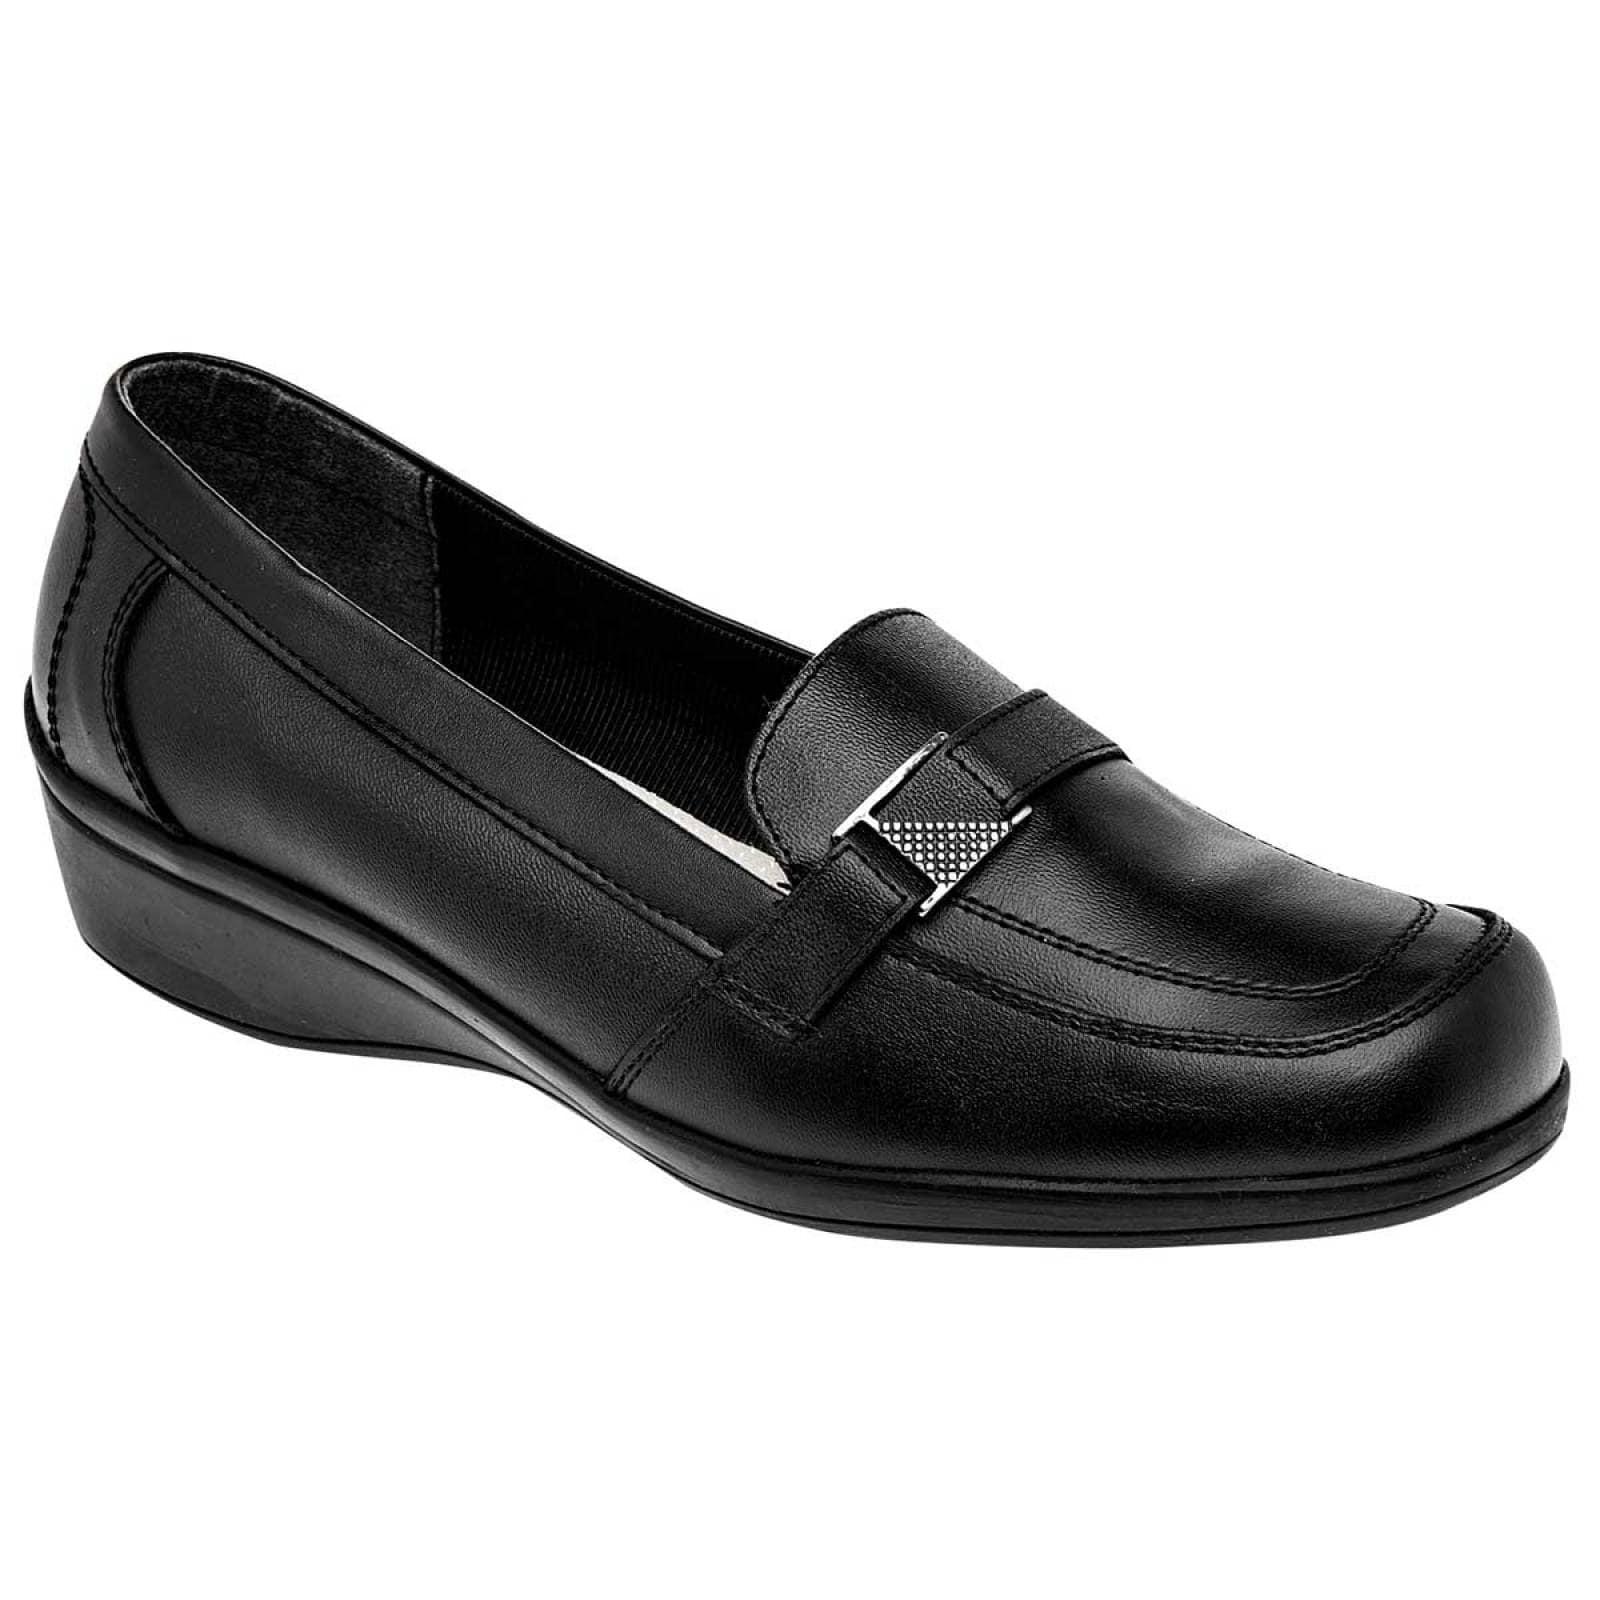 Suavecitos Zapato Mujer Negro